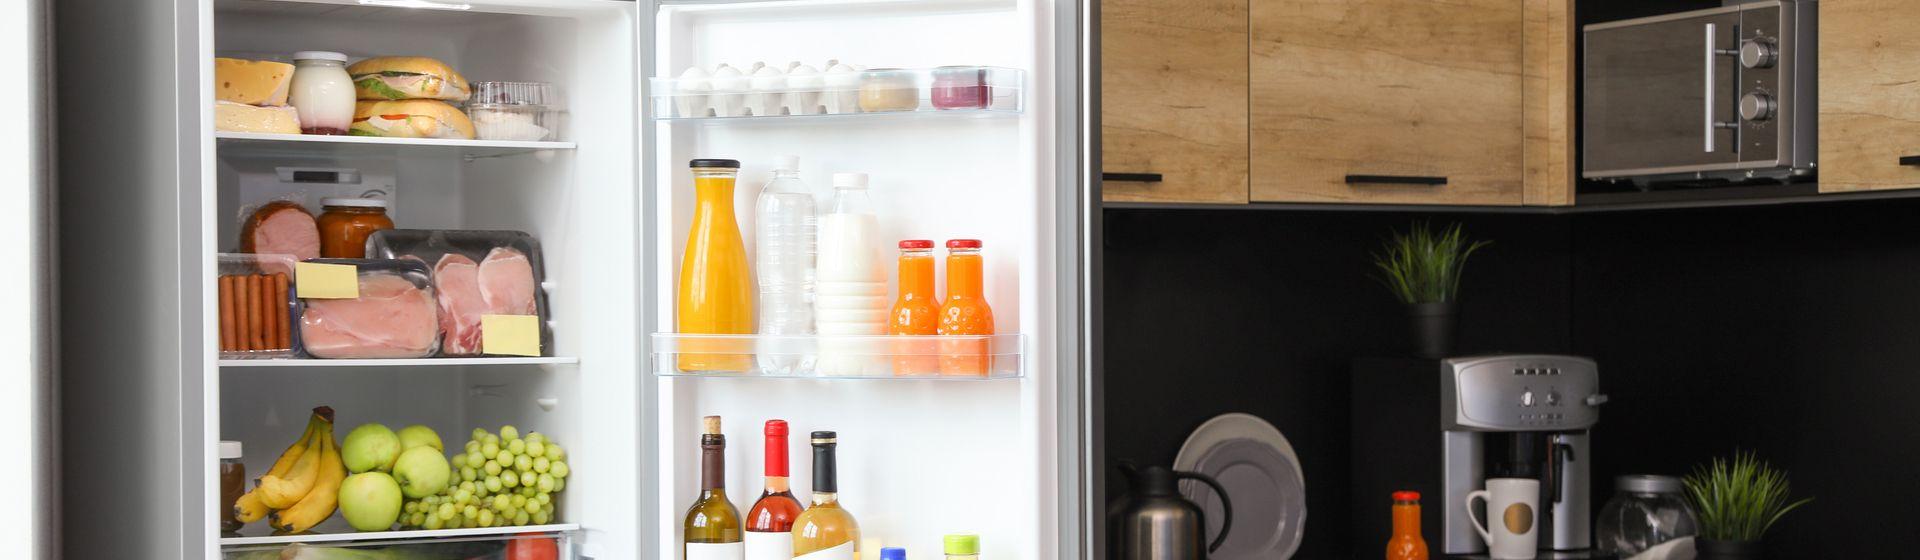 Melhor geladeira inverter 2021: confira a lista